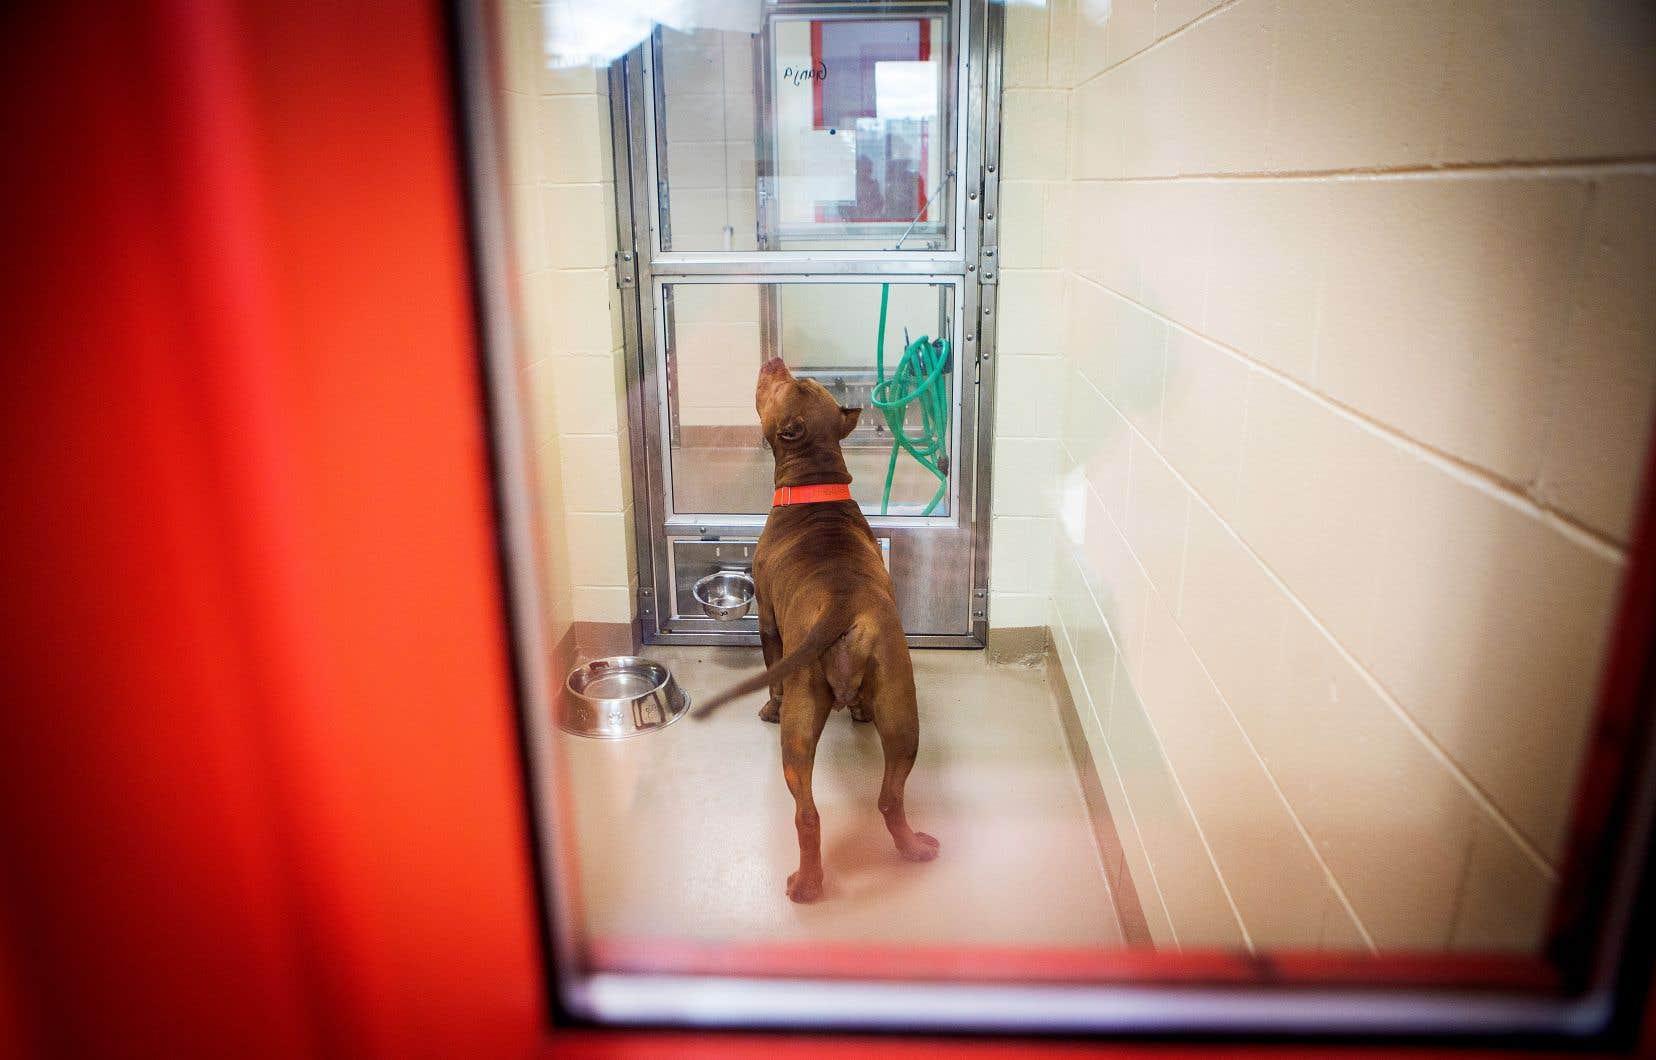 Les «chiens COVID», qui ont été adoptés juste avant ou pendant le confinement, n'ont pas été exposés à un grand éventail de situations, ce qui peut les rendre extrêmement anxieux.